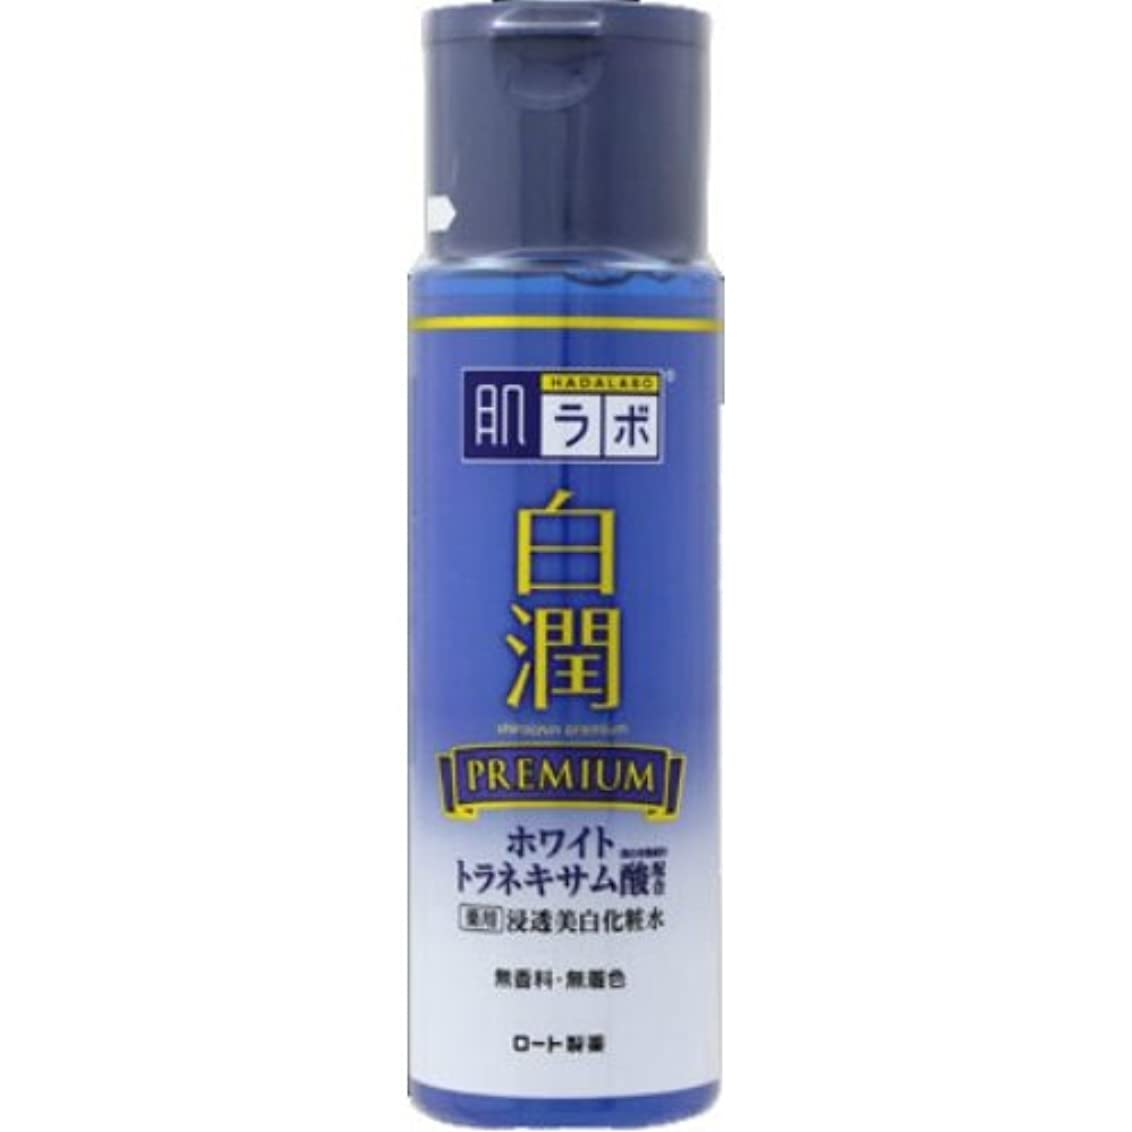 手綱ジャグリングミシン目肌ラボ 白潤プレミアム 薬用浸透美白化粧水 170mL × 3個セット